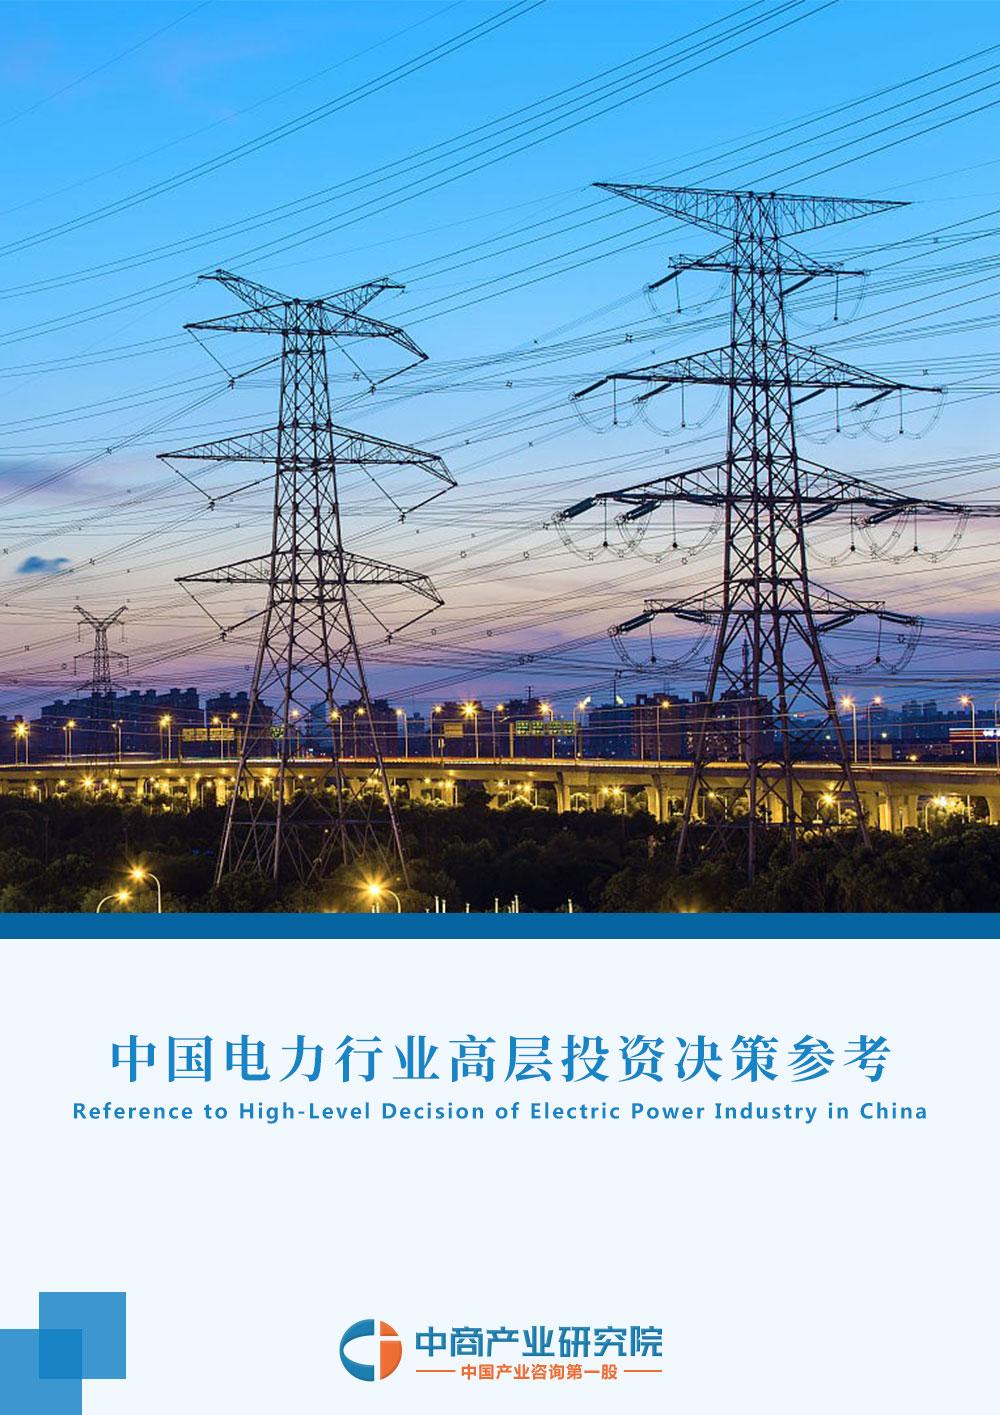 中国电力行业投资决策参考(2018年10月)